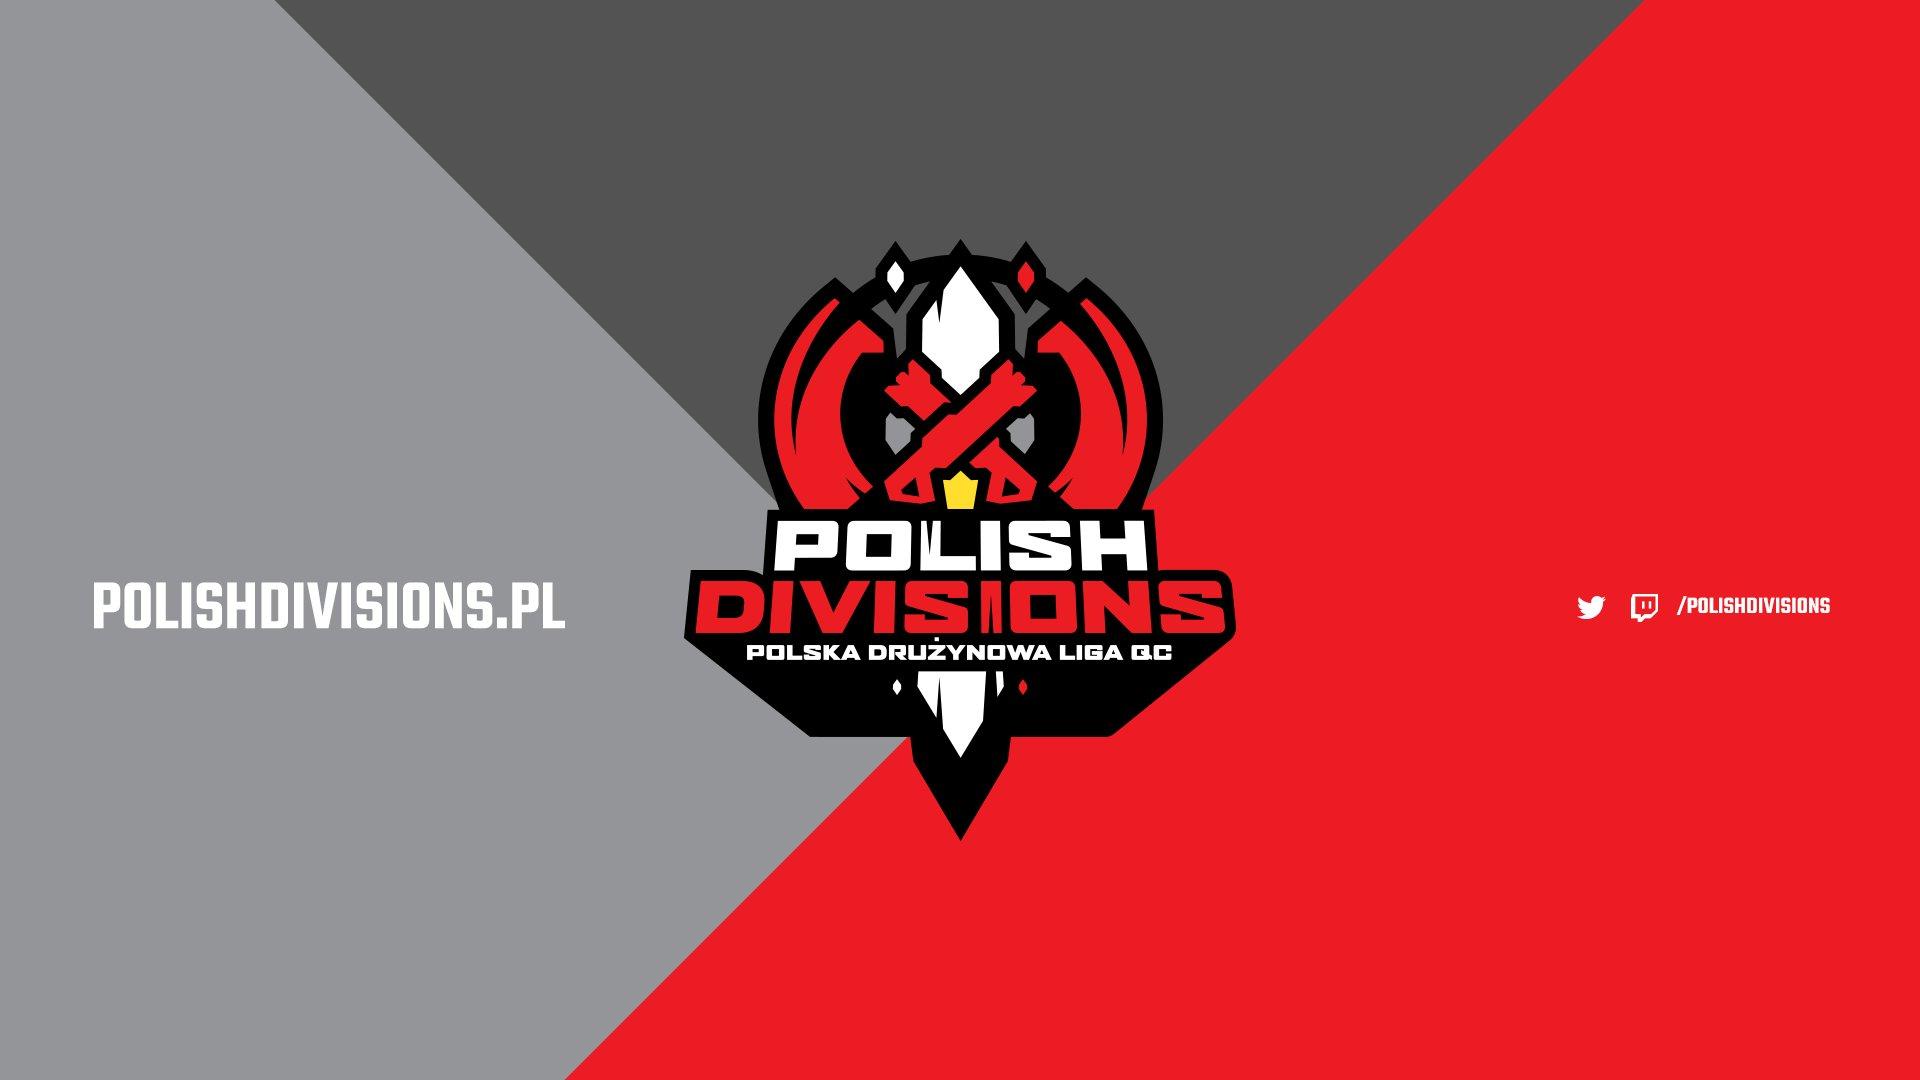 Polish Divisions